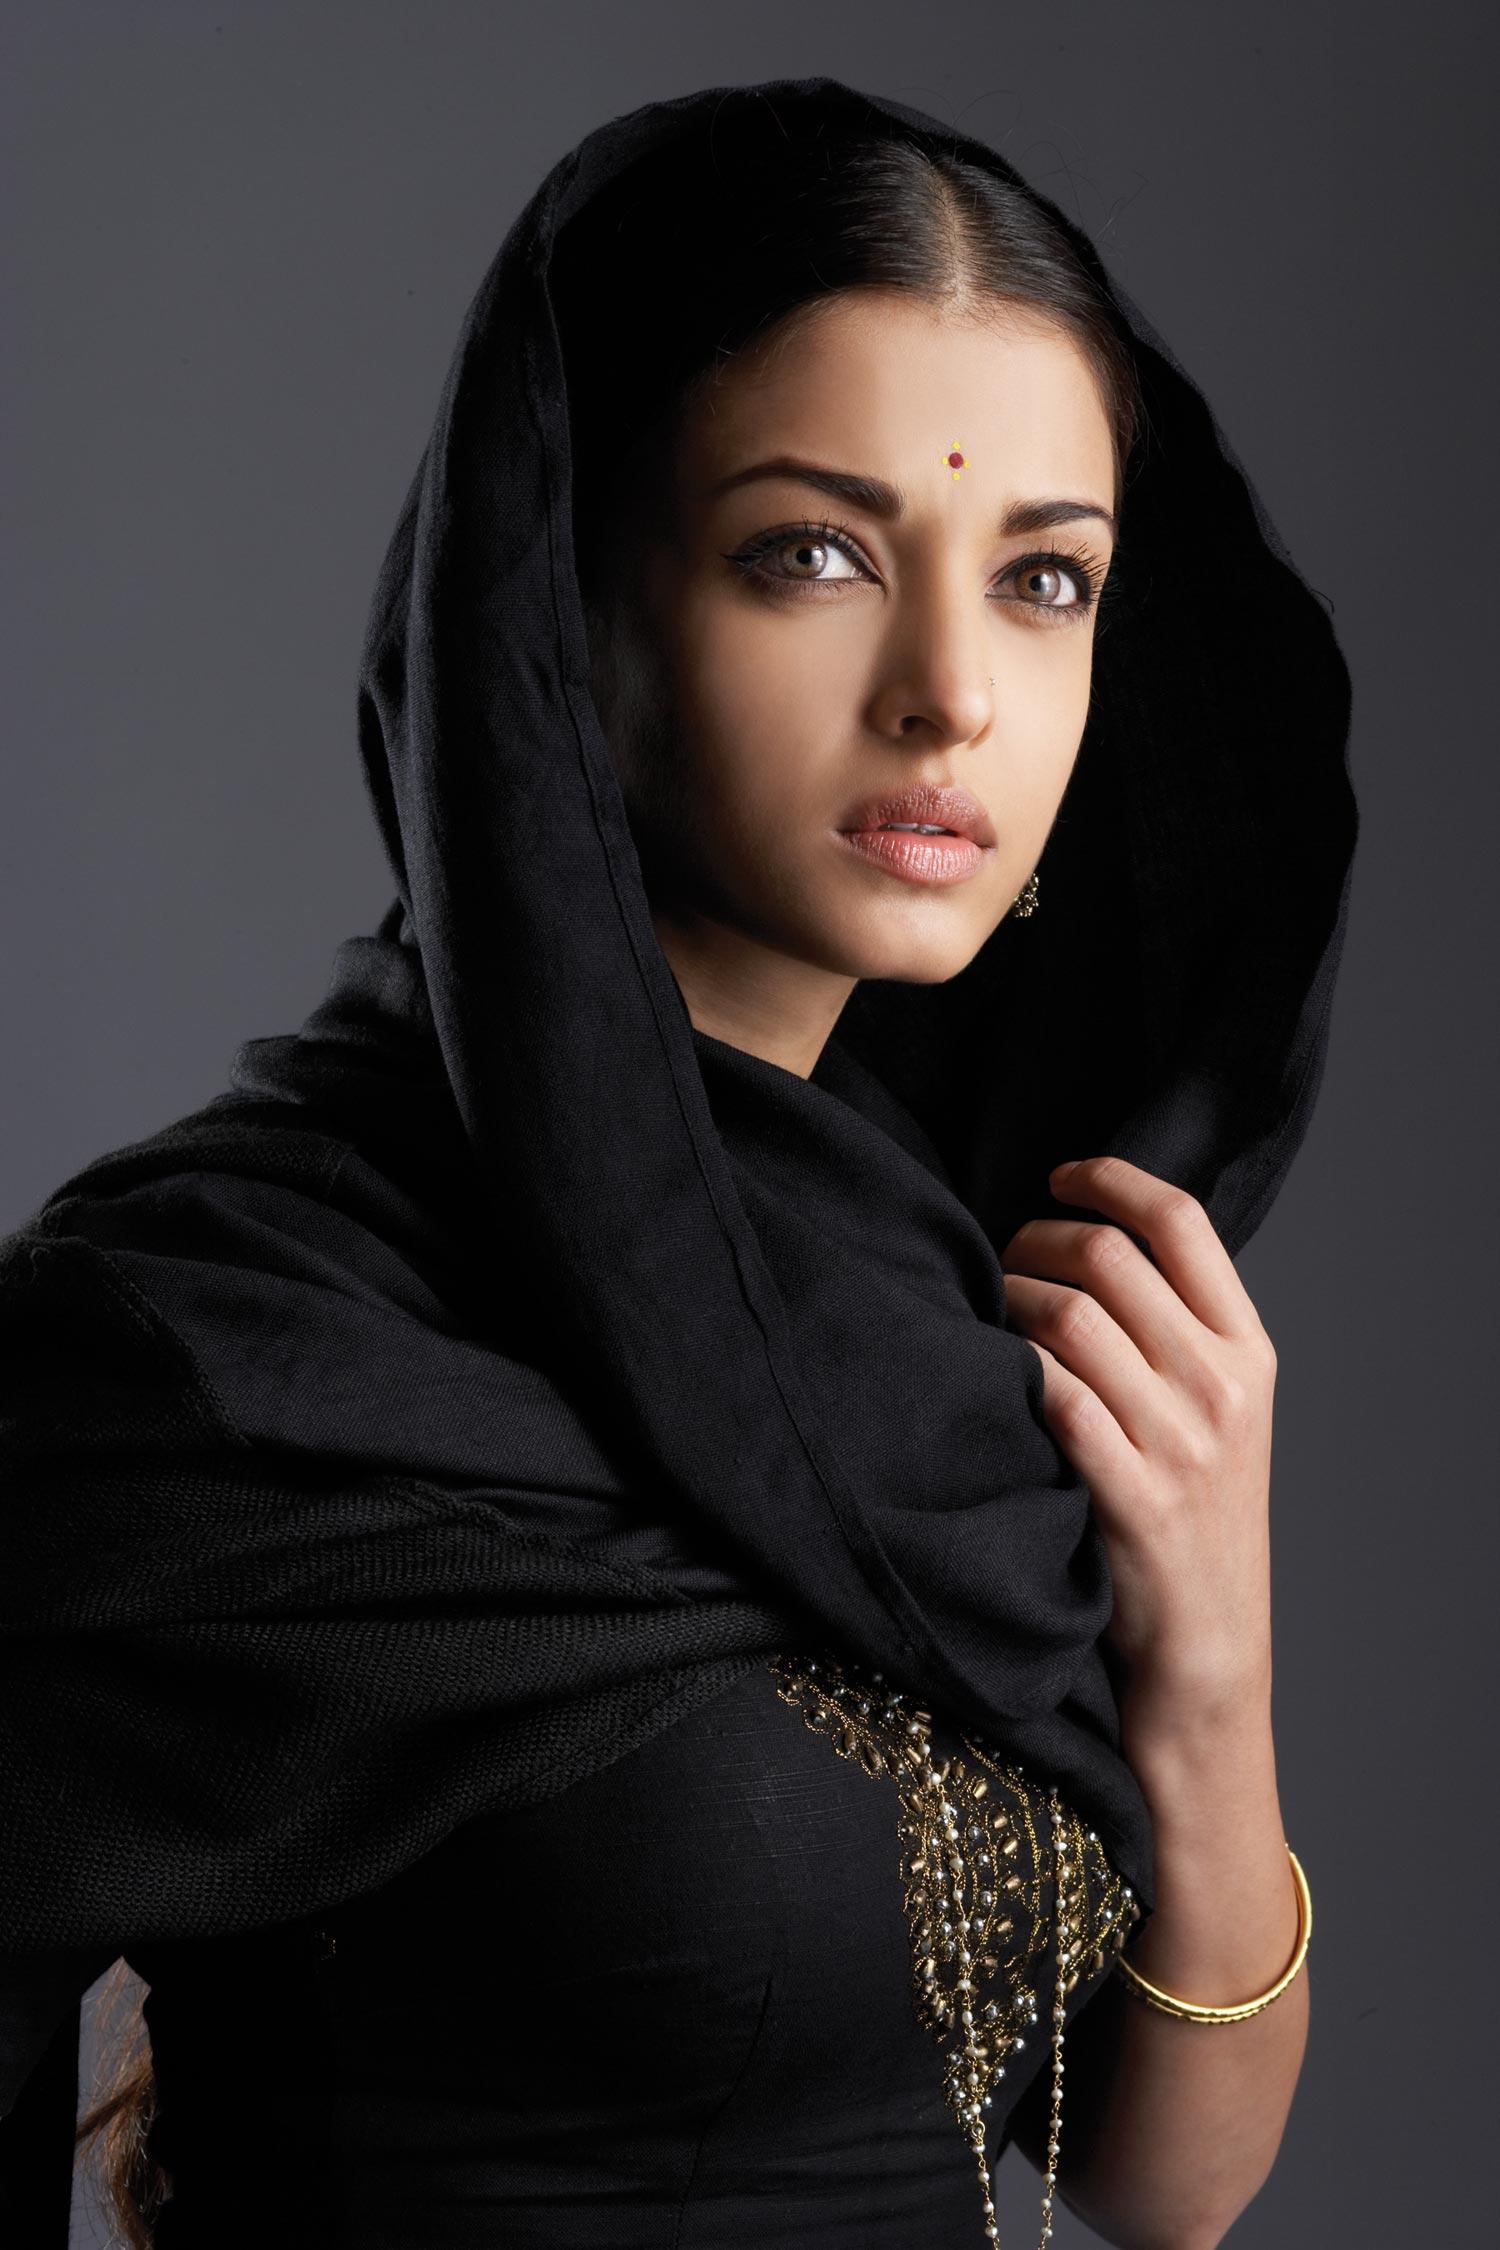 Фото красивых девушек брюнетки чеченки 11 фотография